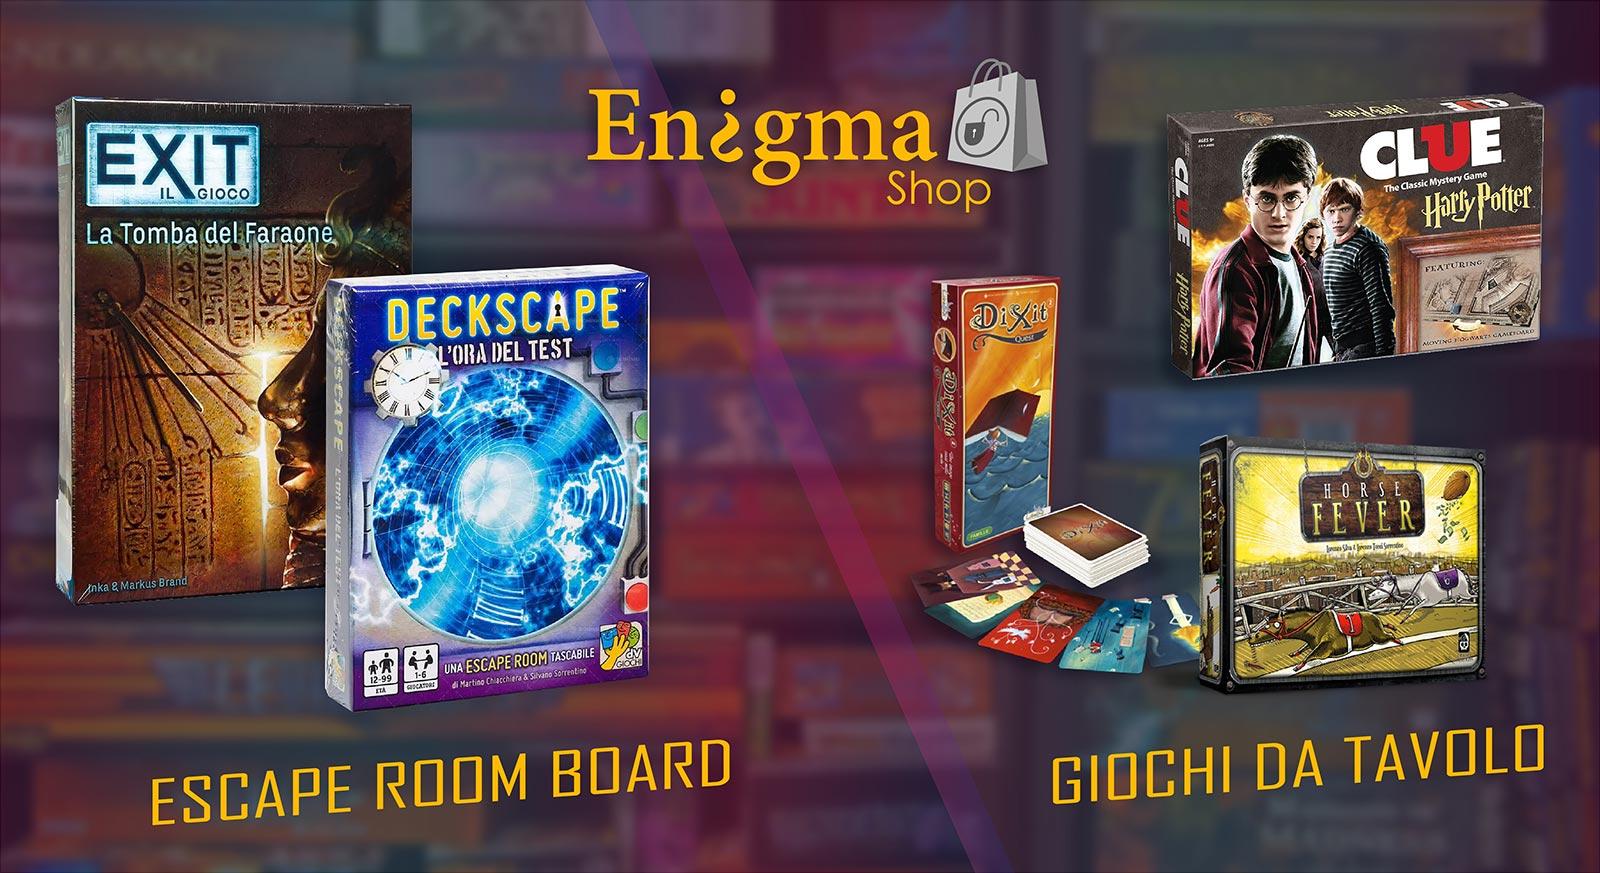 enigmaroom shop escape room board